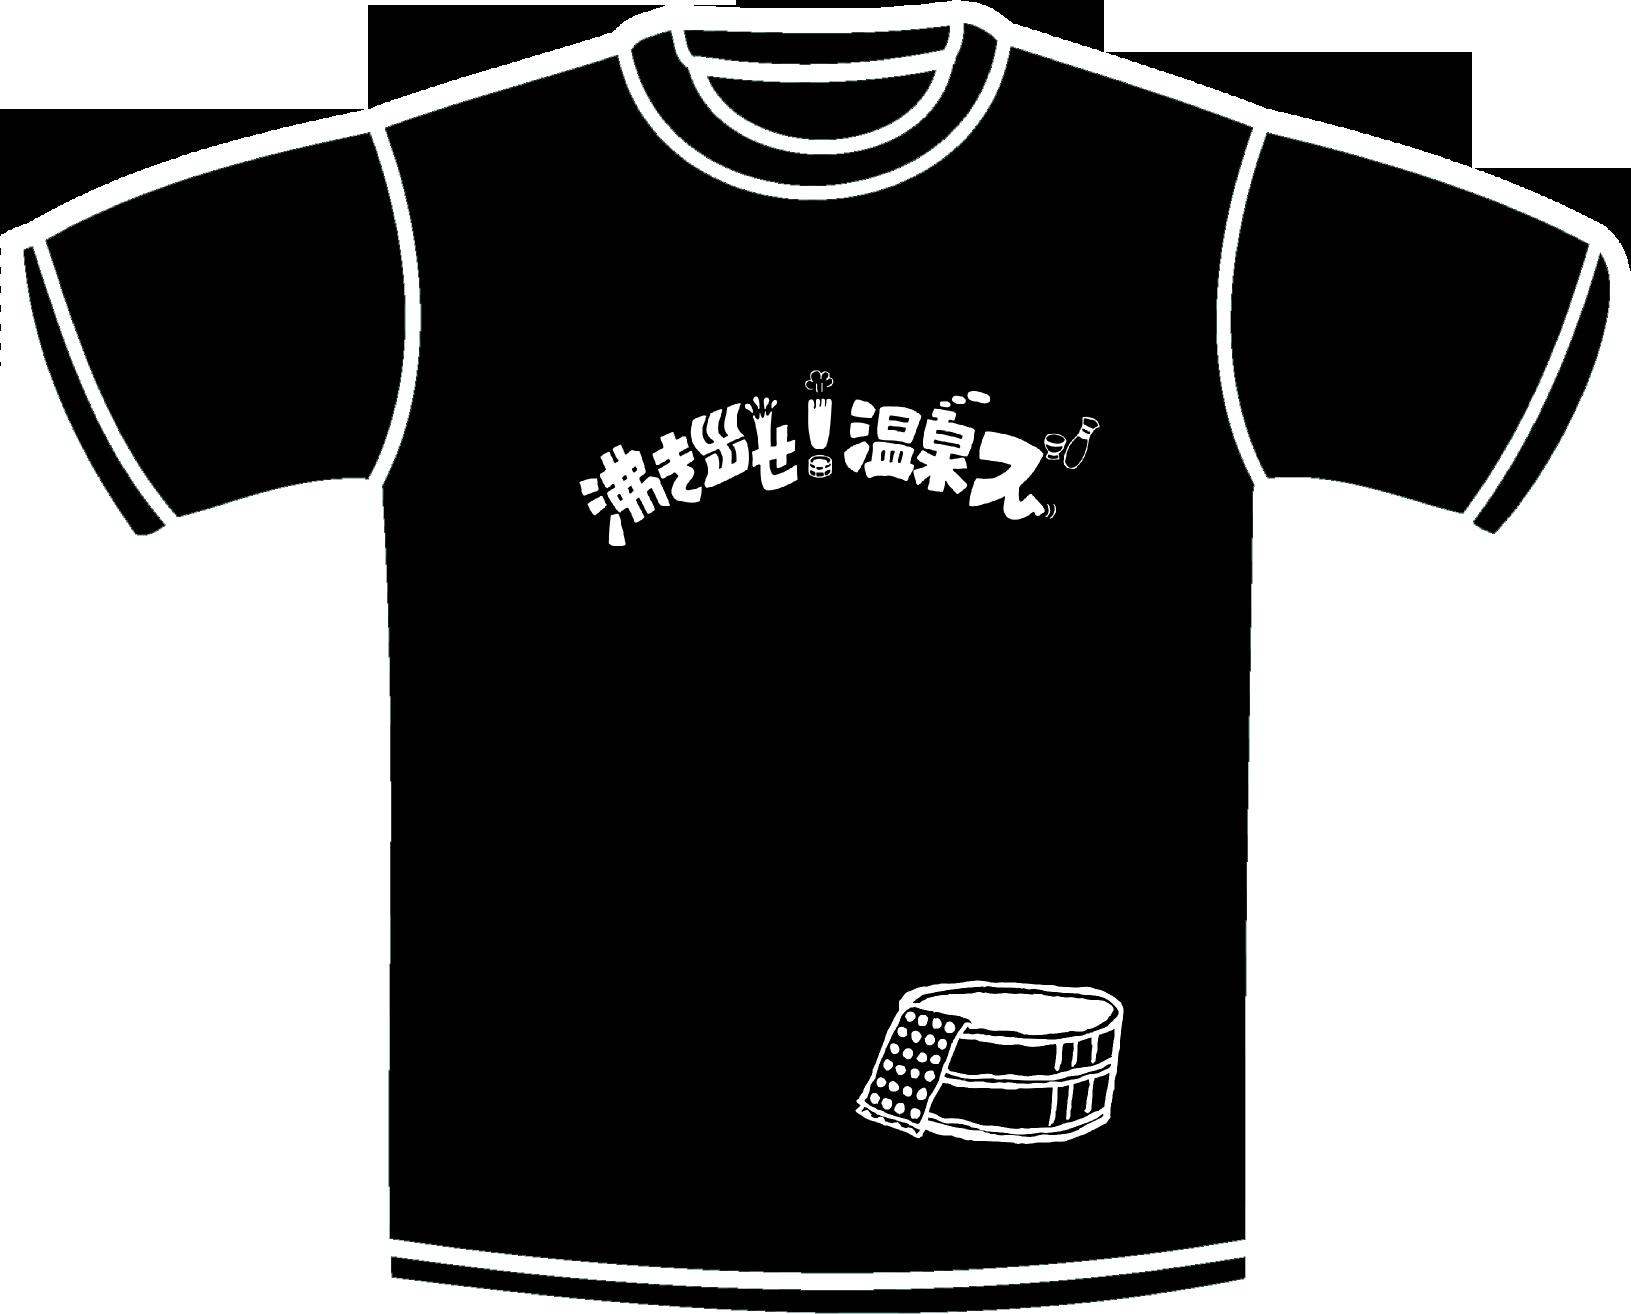 沸き出せ!温泉ズ:バンドTシャツ第二弾:デザイン表:ブラック